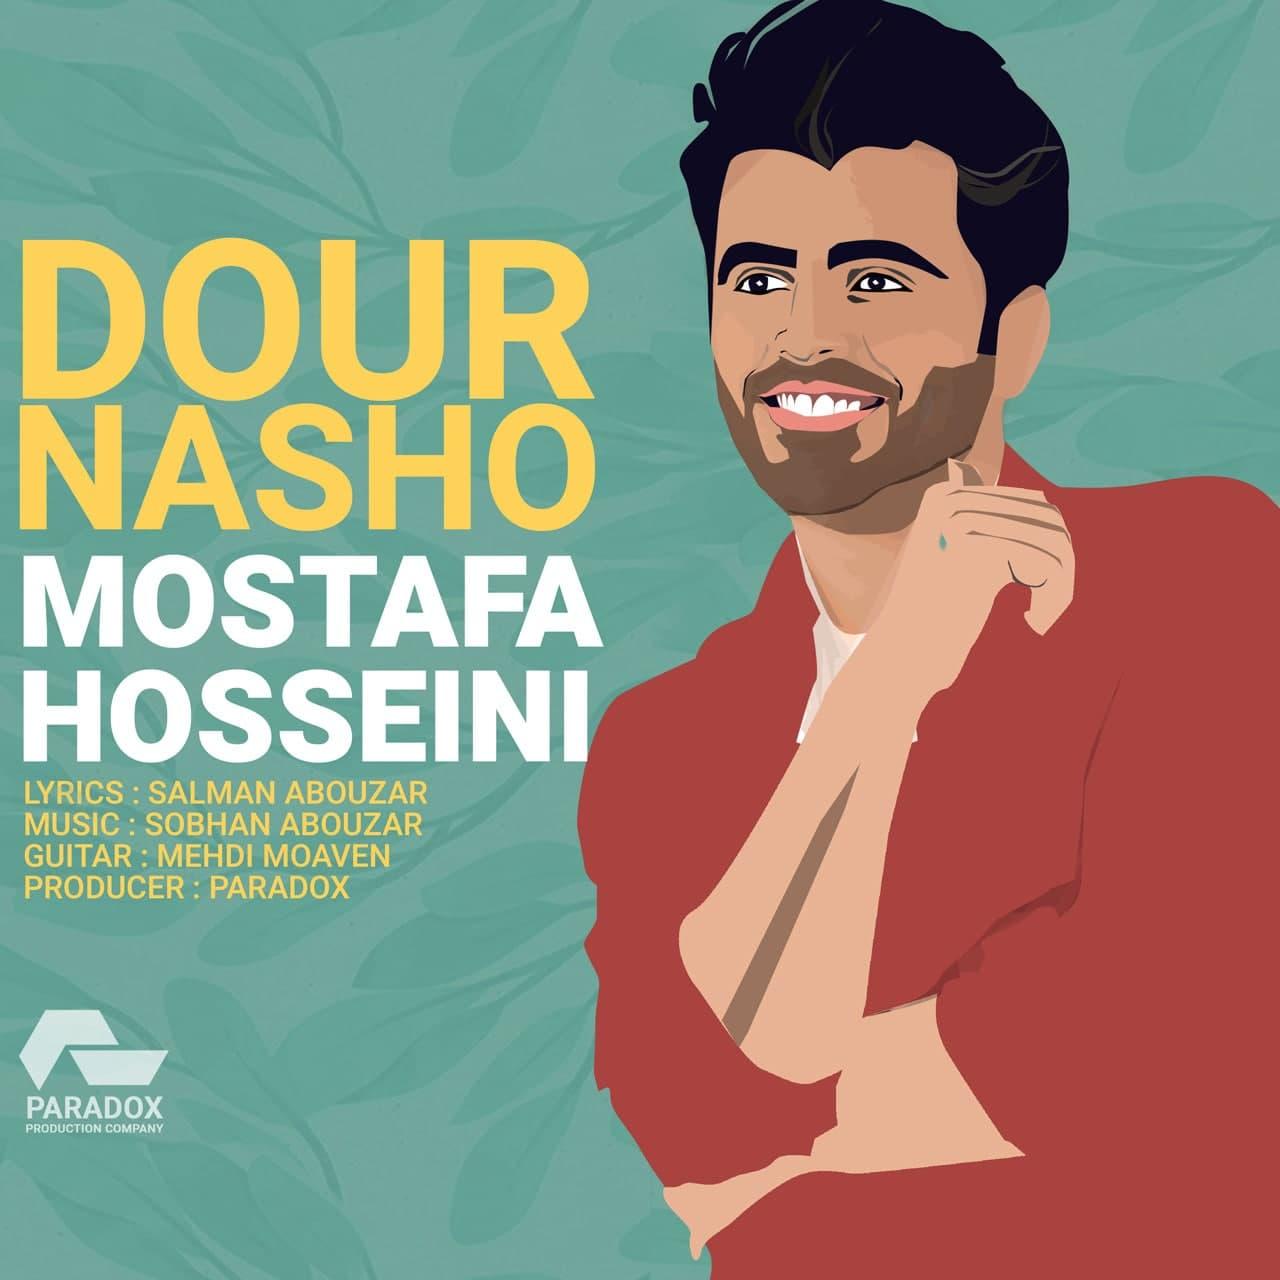 دانلود آهنگ جدید مصطفی حسینی دور نشو